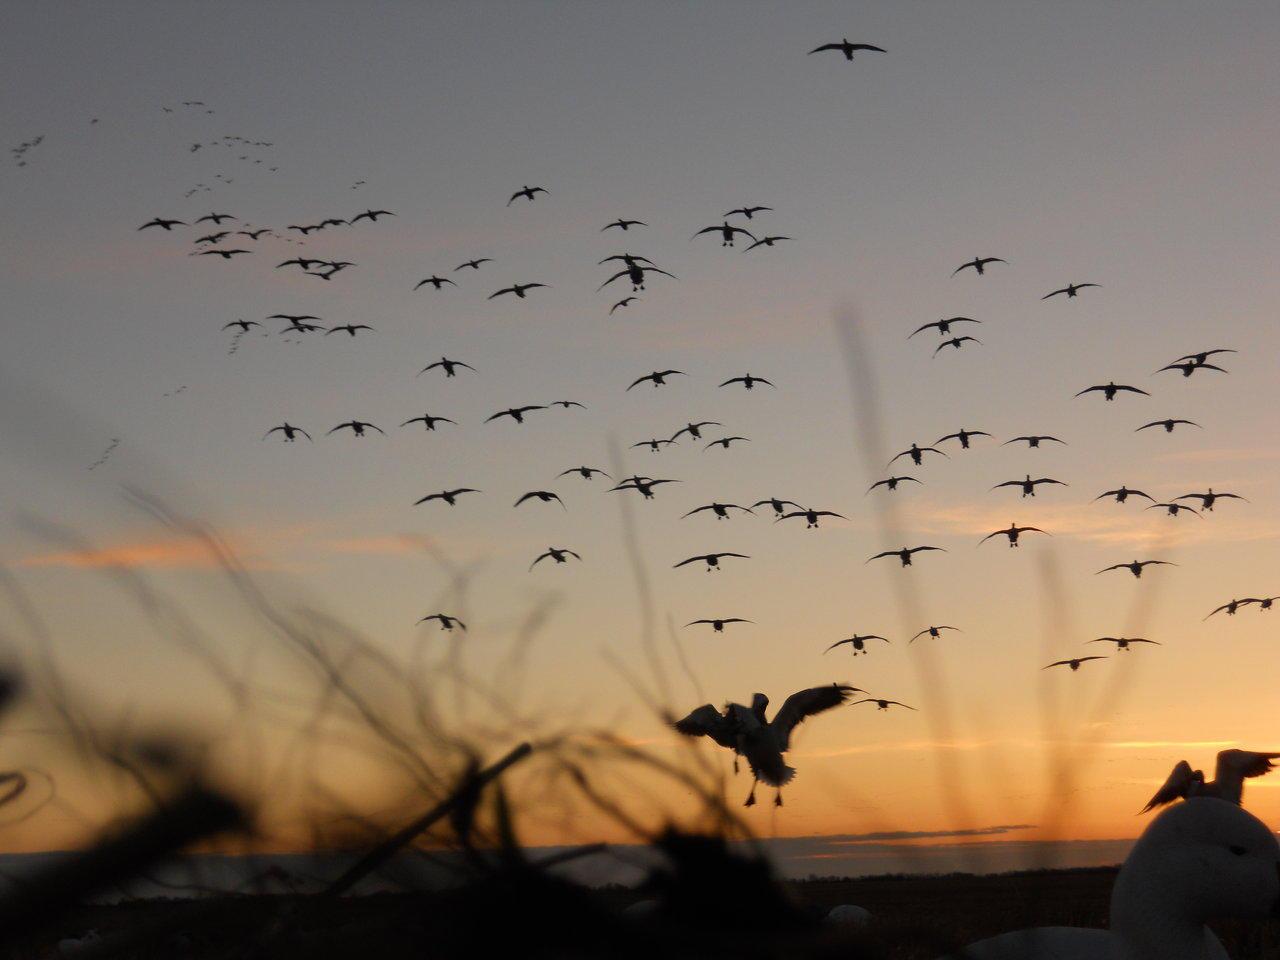 Goose hunting wallpaper - SF Wallpaper